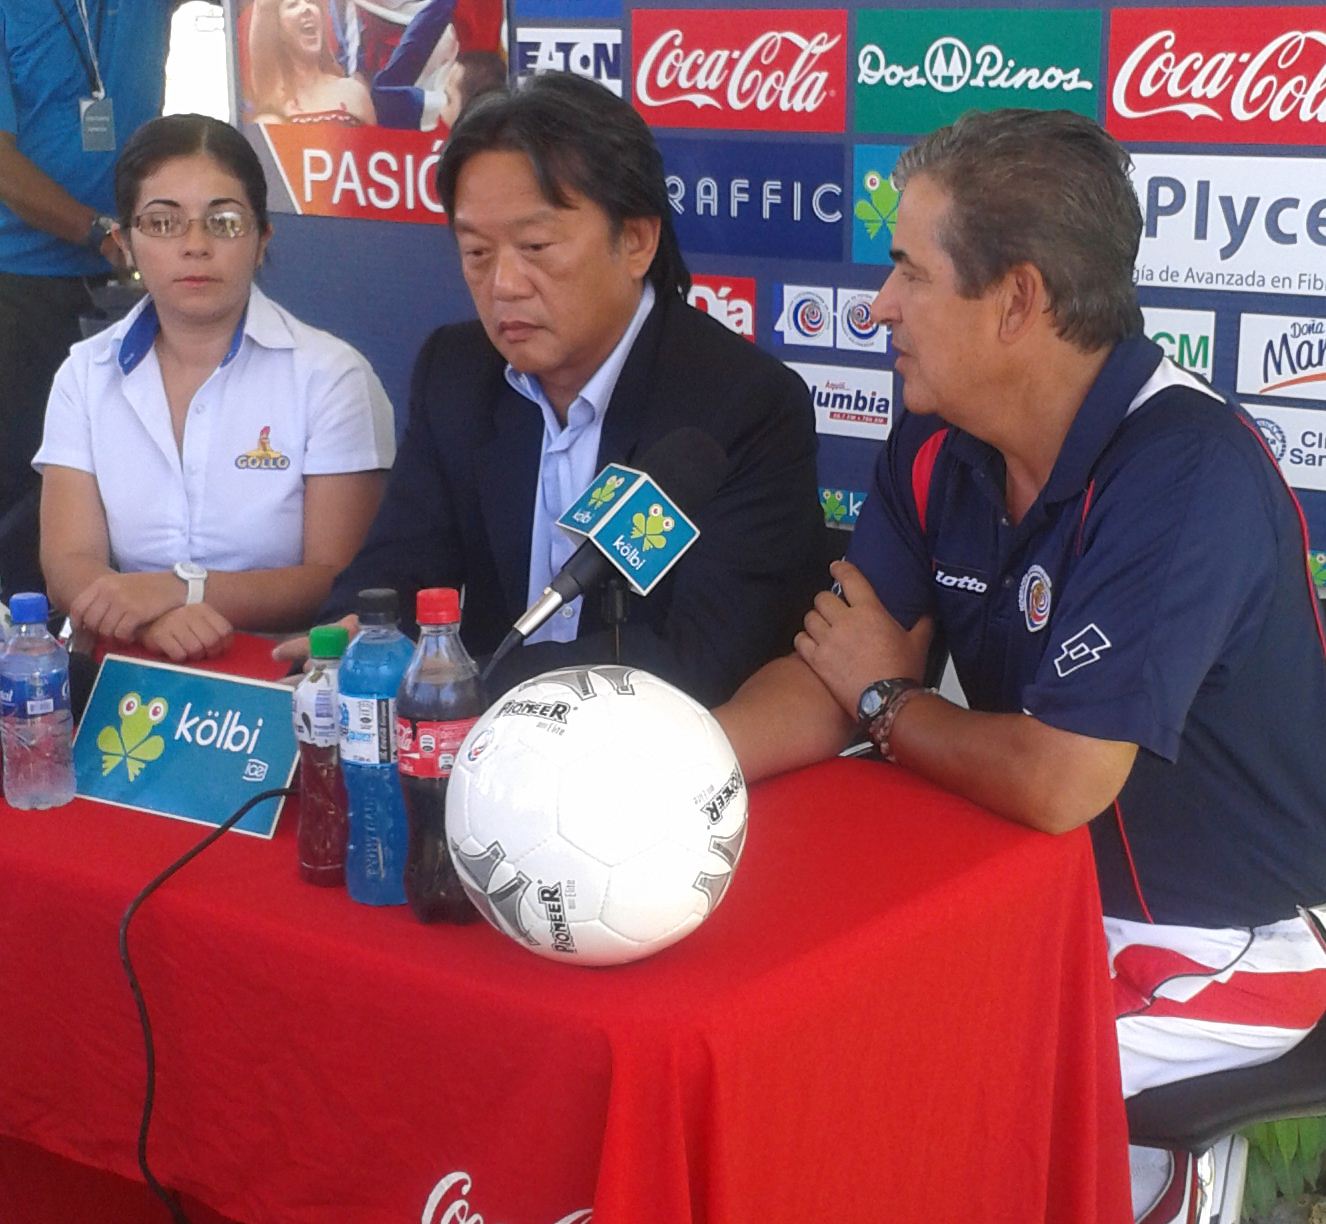 Fotografía: Juan Diego Córdoba | Pinto en conferencia de prensa esta mañana